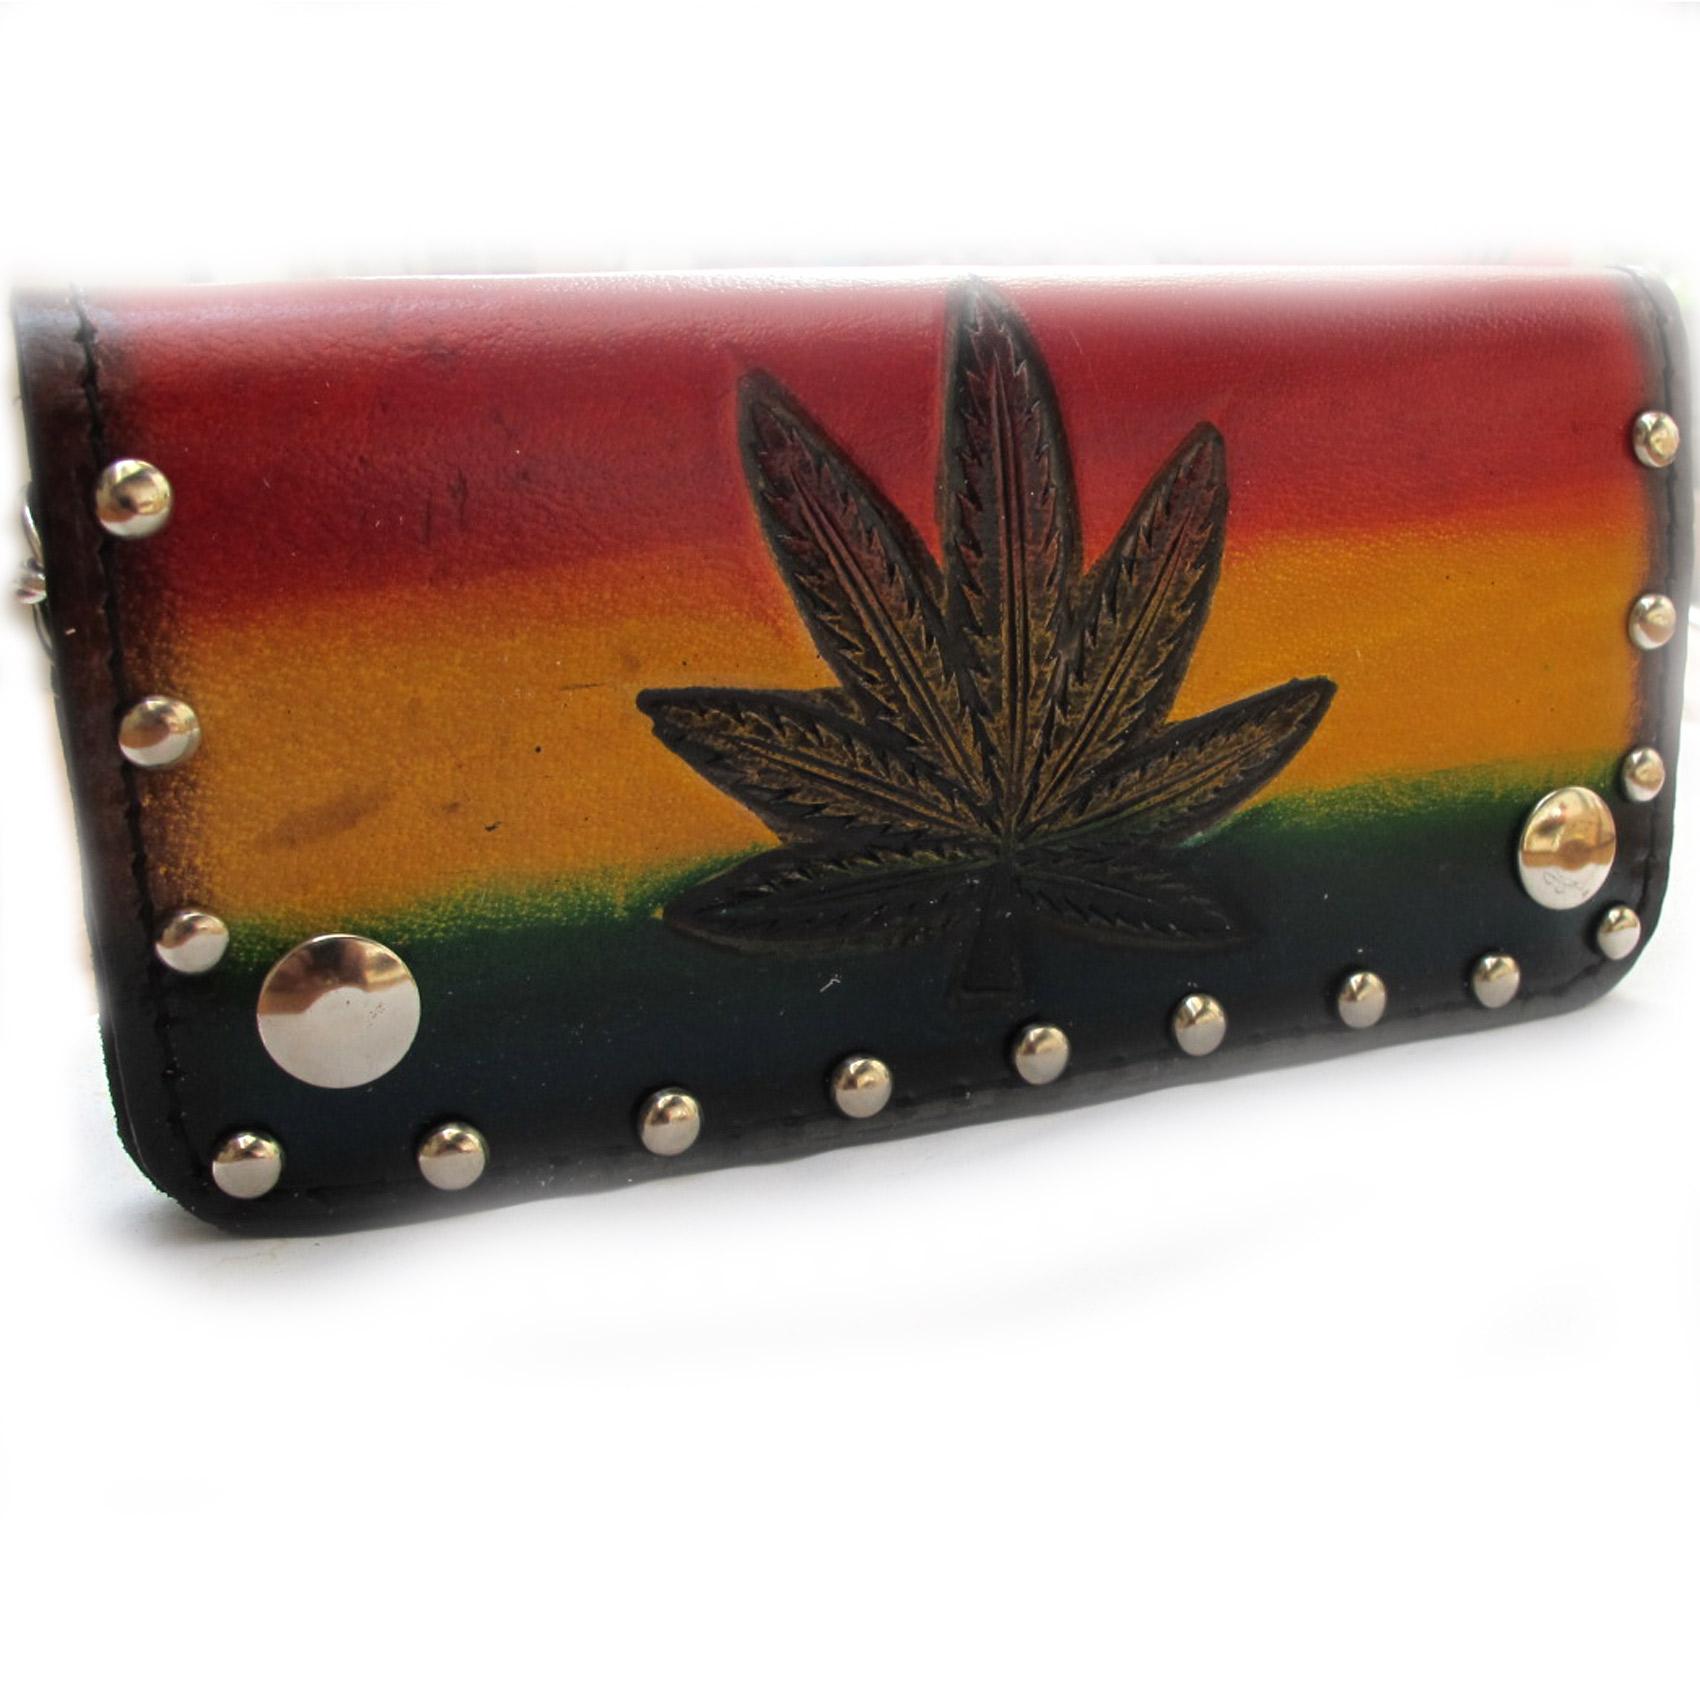 กระเป๋าสตางค์ยาว หนังแท้ รูป BOB MARLEY4 ใบกัญชา แบบ 2 พับ พร้อมโซ่